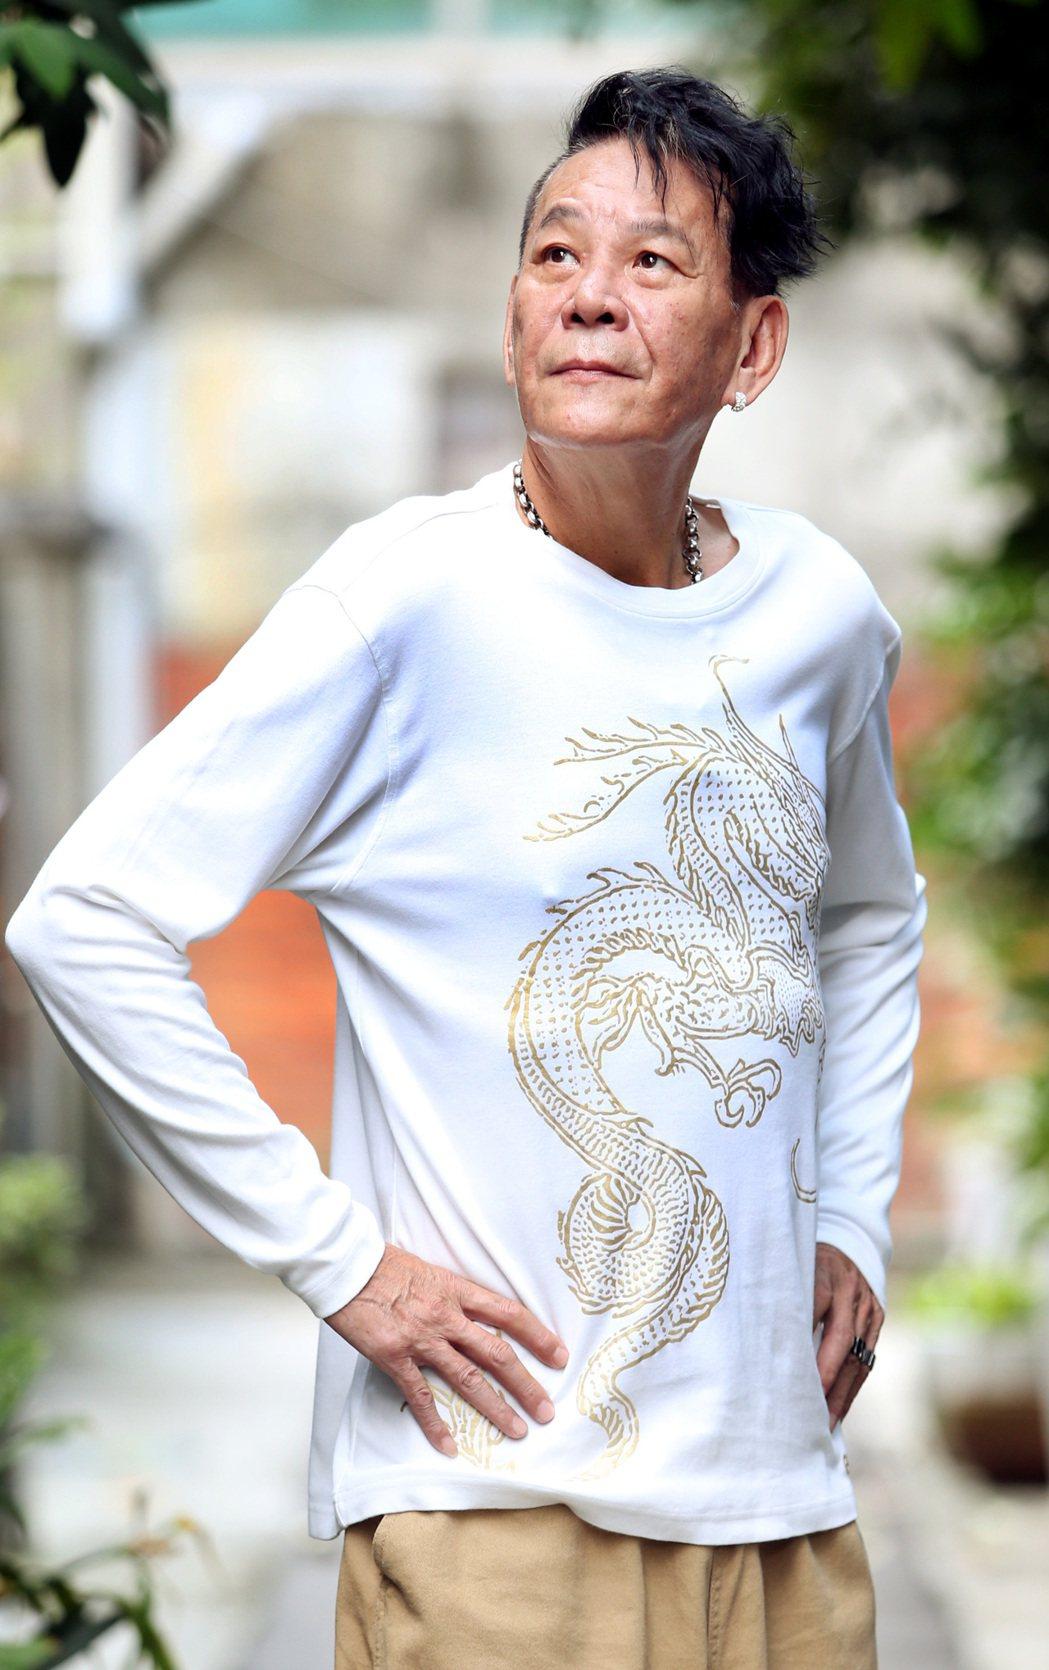 龍劭華的造型向來很新潮,身上的褲子還是女兒陳璇的。記者侯永全/攝影